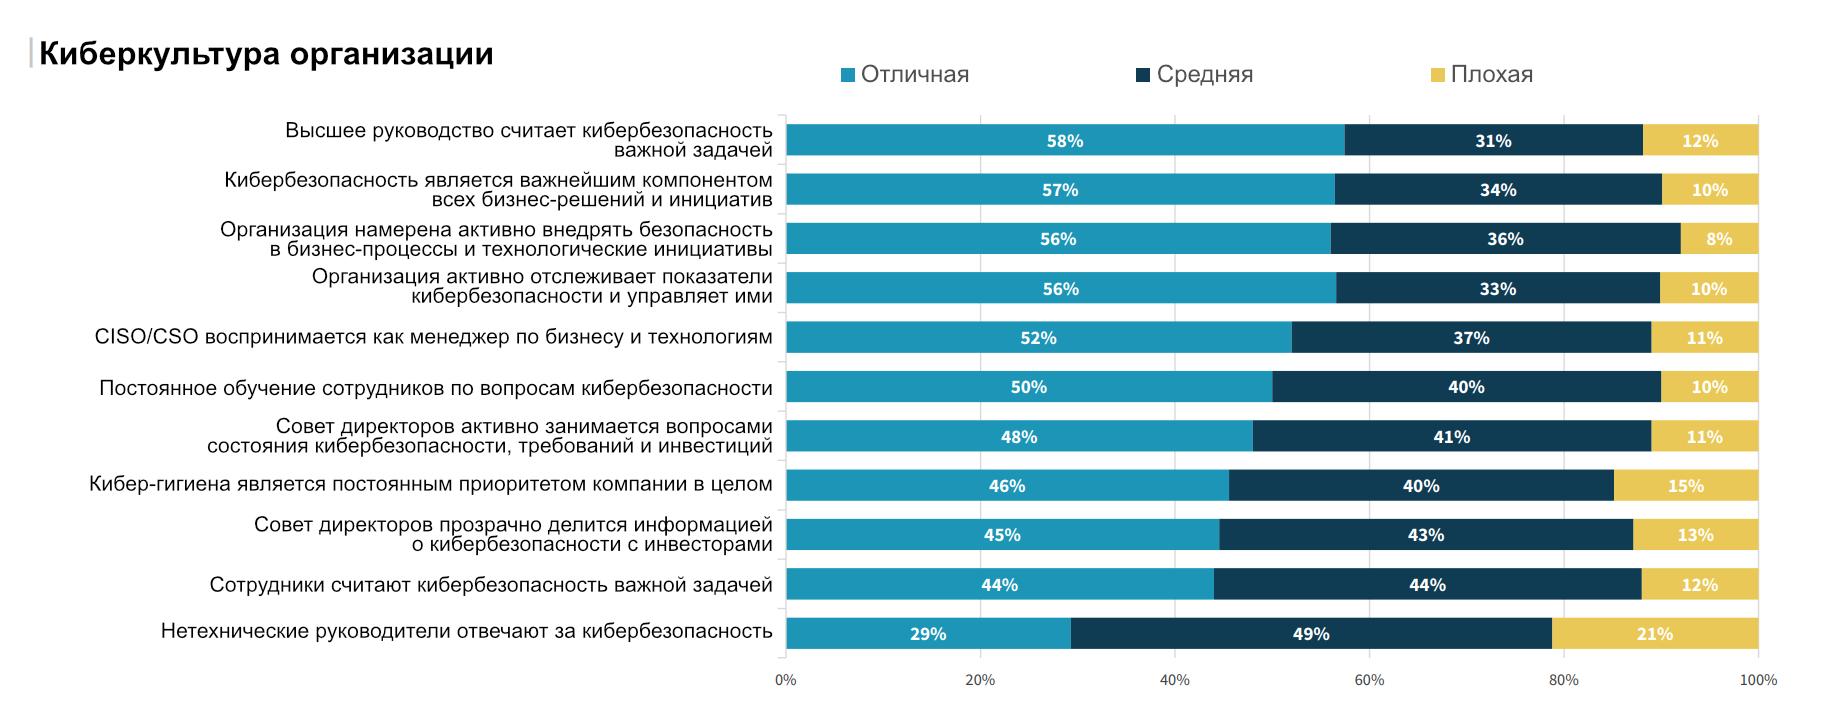 Как опрошенные оценивают различные аспекты кибербезопасности в своих организациях. Источник: ESG